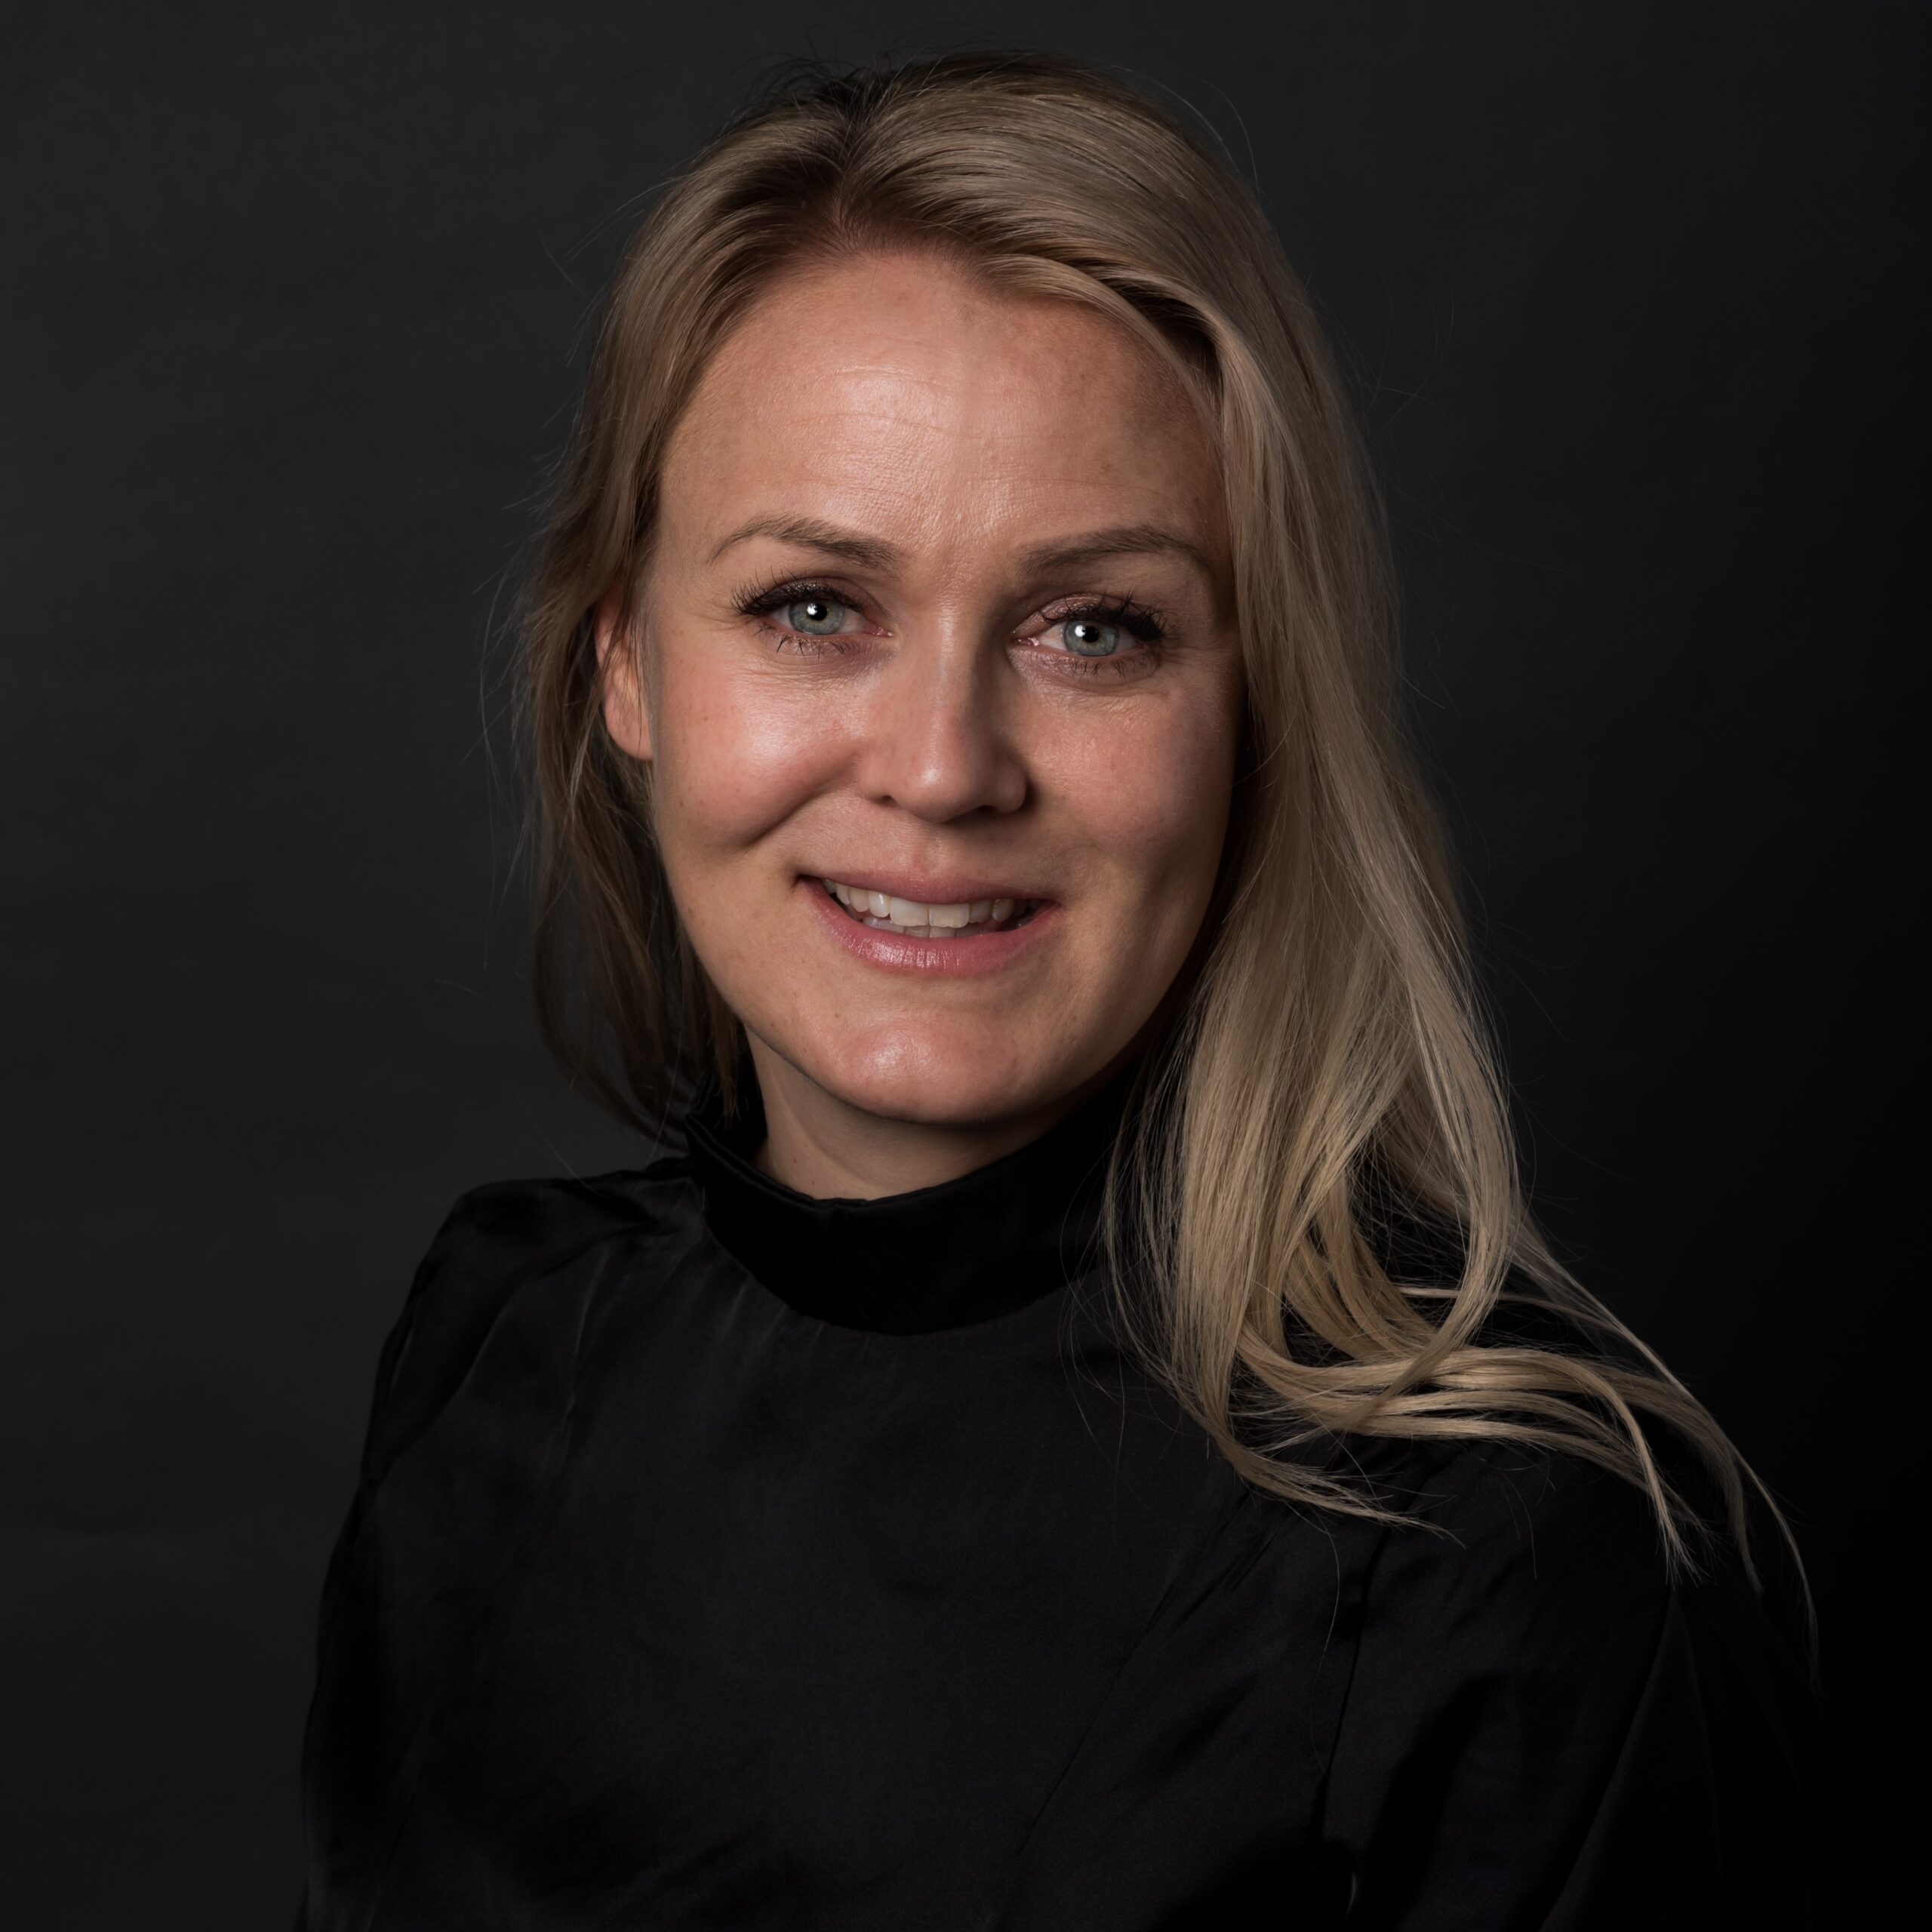 Josefin Öqvist